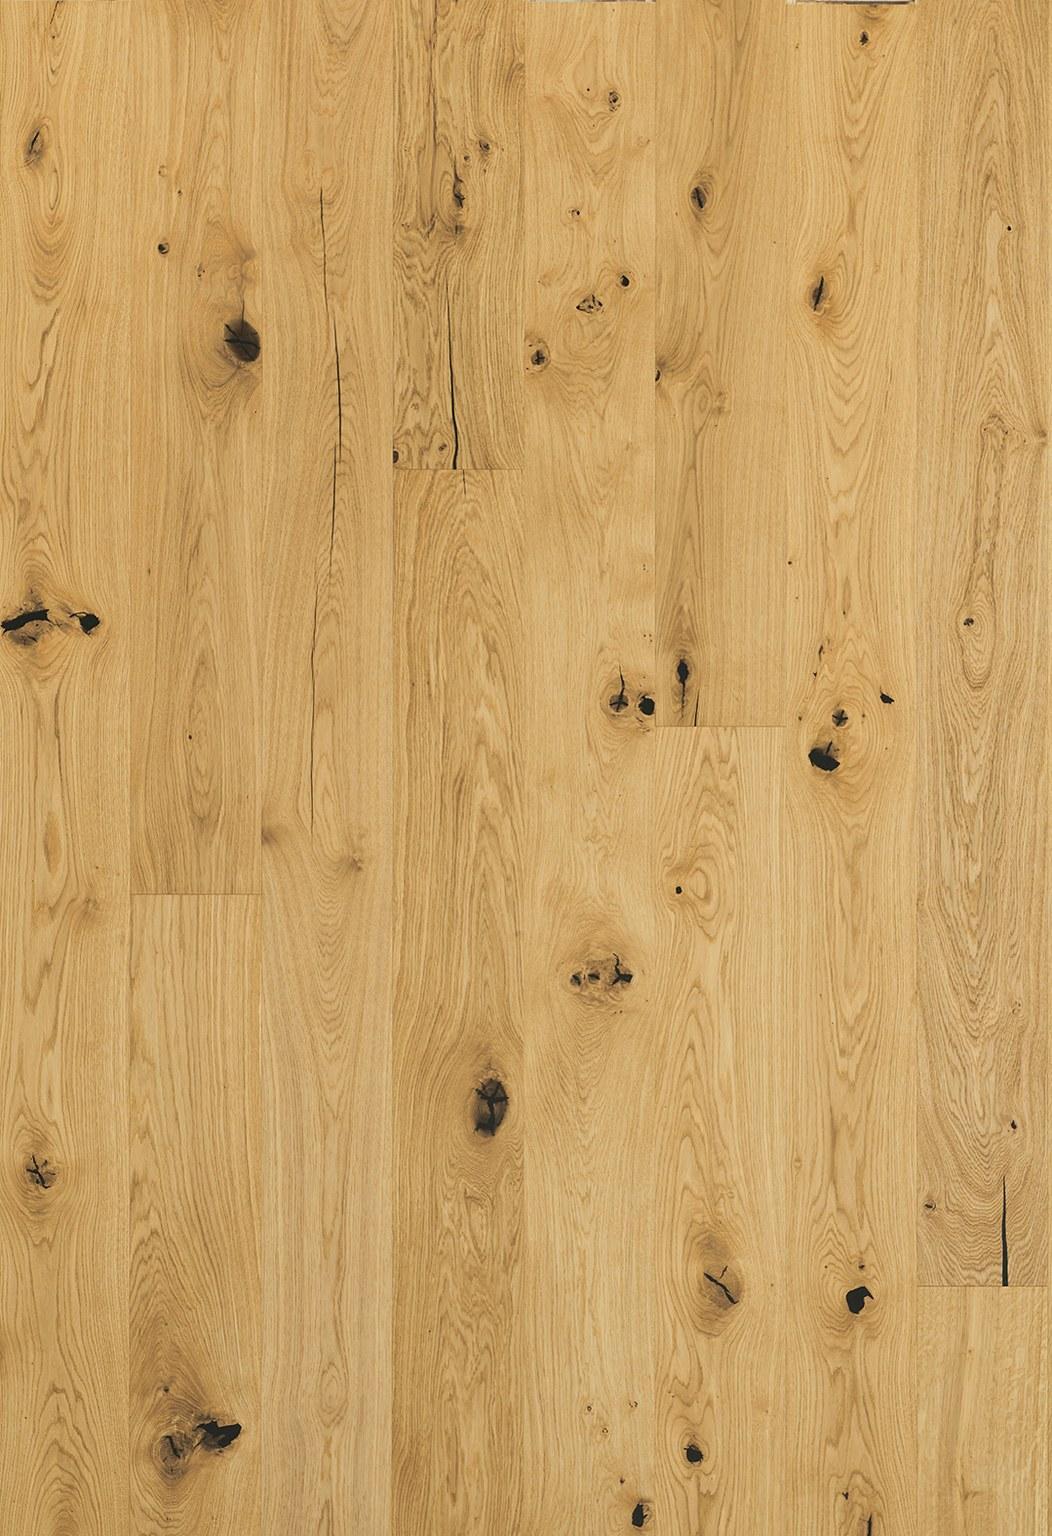 Timberwise Parketti Lankkuparketti Puulattia Wooden Floor Parquet Plank Tammi Oak Vintage Öljyvaha Wax Oiled 2D1